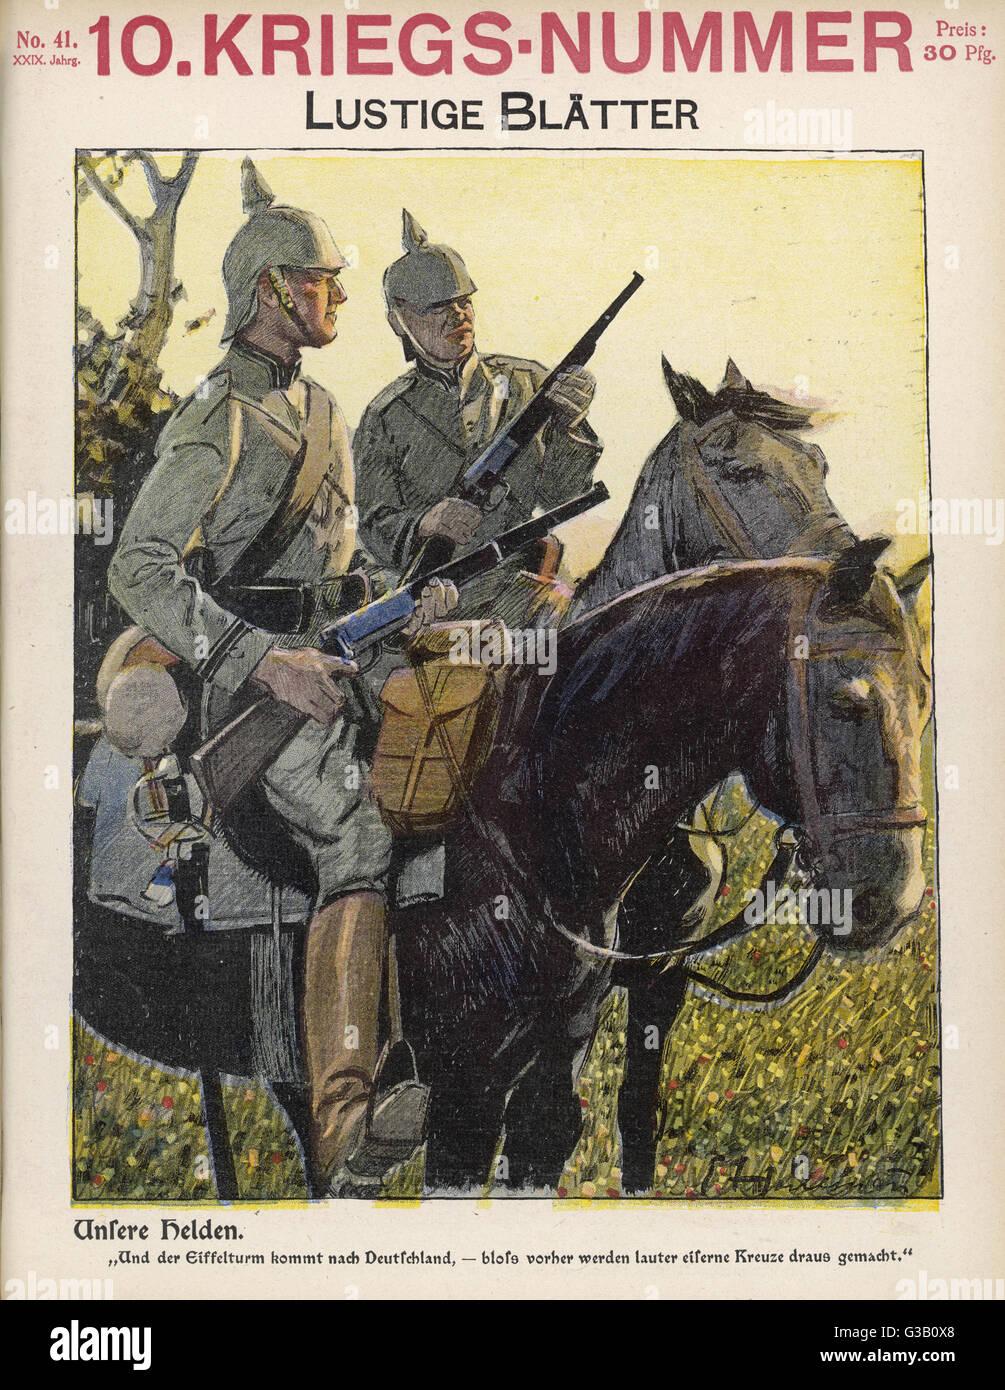 German mounted riflemen.           Date: 1914 - Stock Image